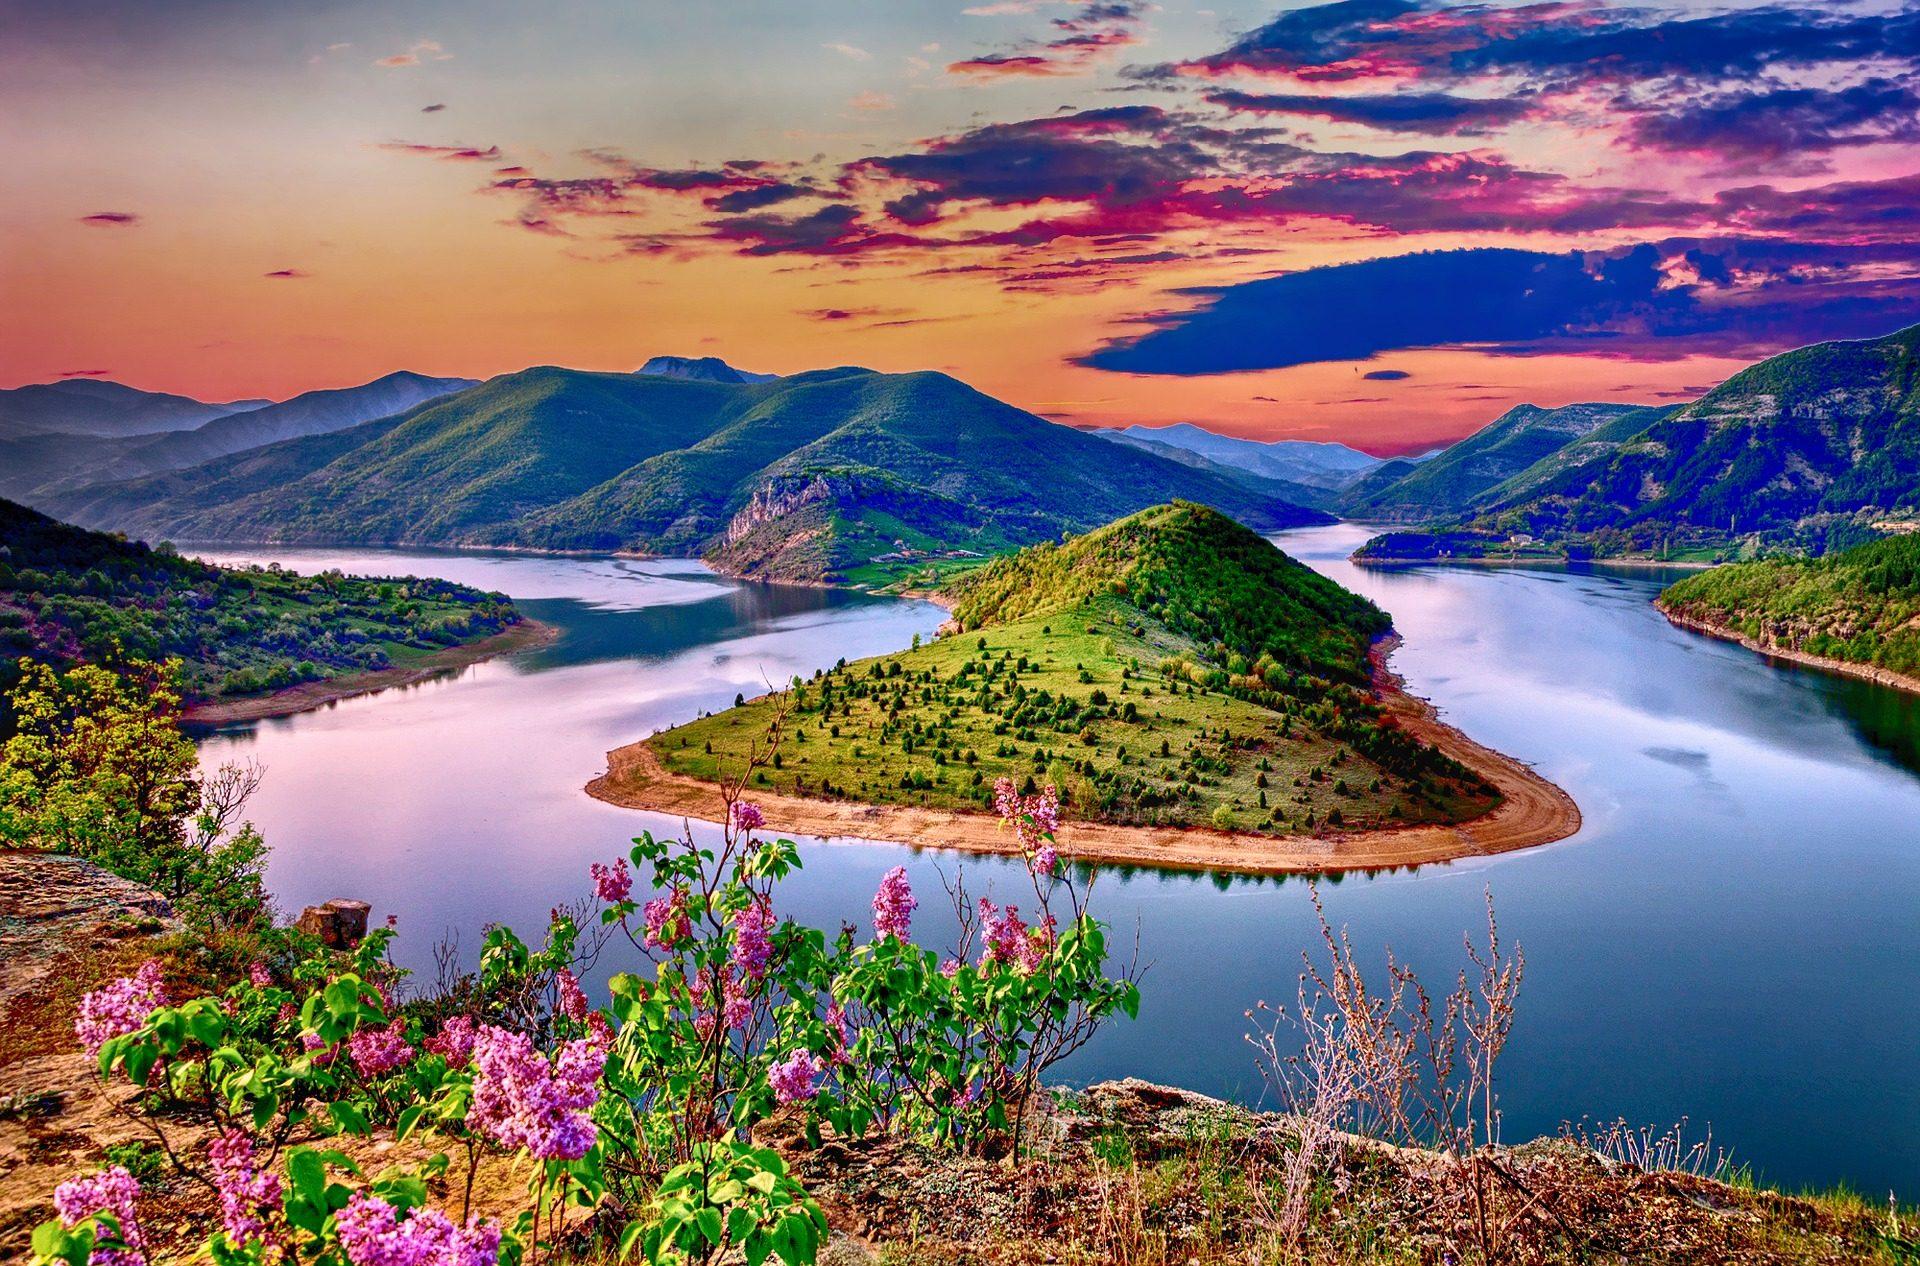 视图, Montañas, 河, 植被, 多彩, 几点思考 - 高清壁纸 - 教授-falken.com